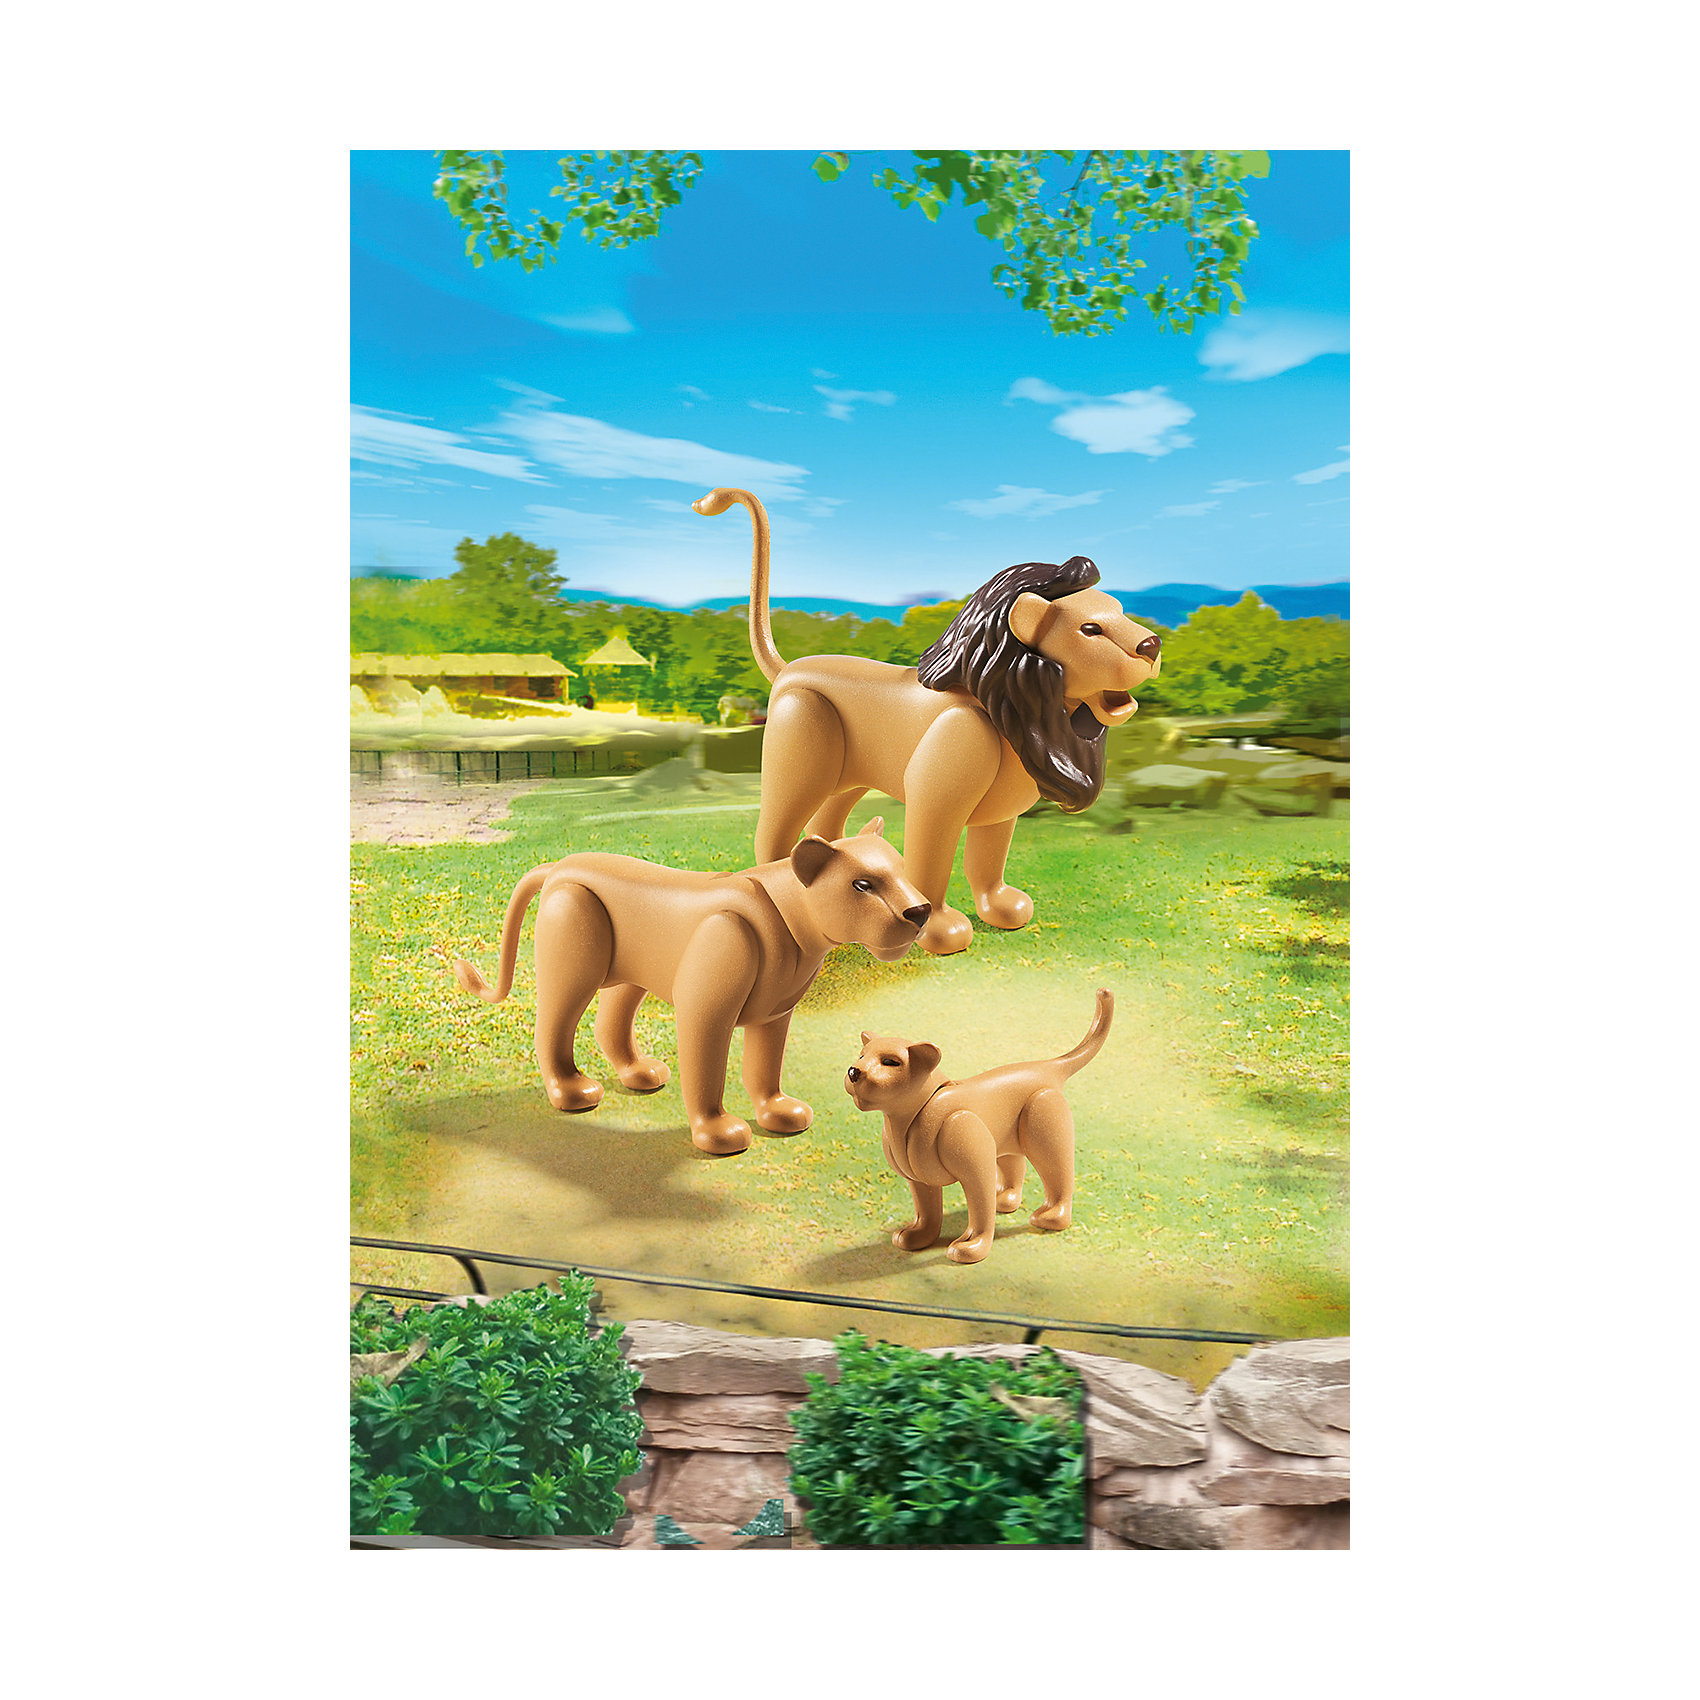 PLAYMOBIL® Зоопарк: Семья Львов, PLAYMOBIL playmobil® зоопарк стая фламинго playmobil